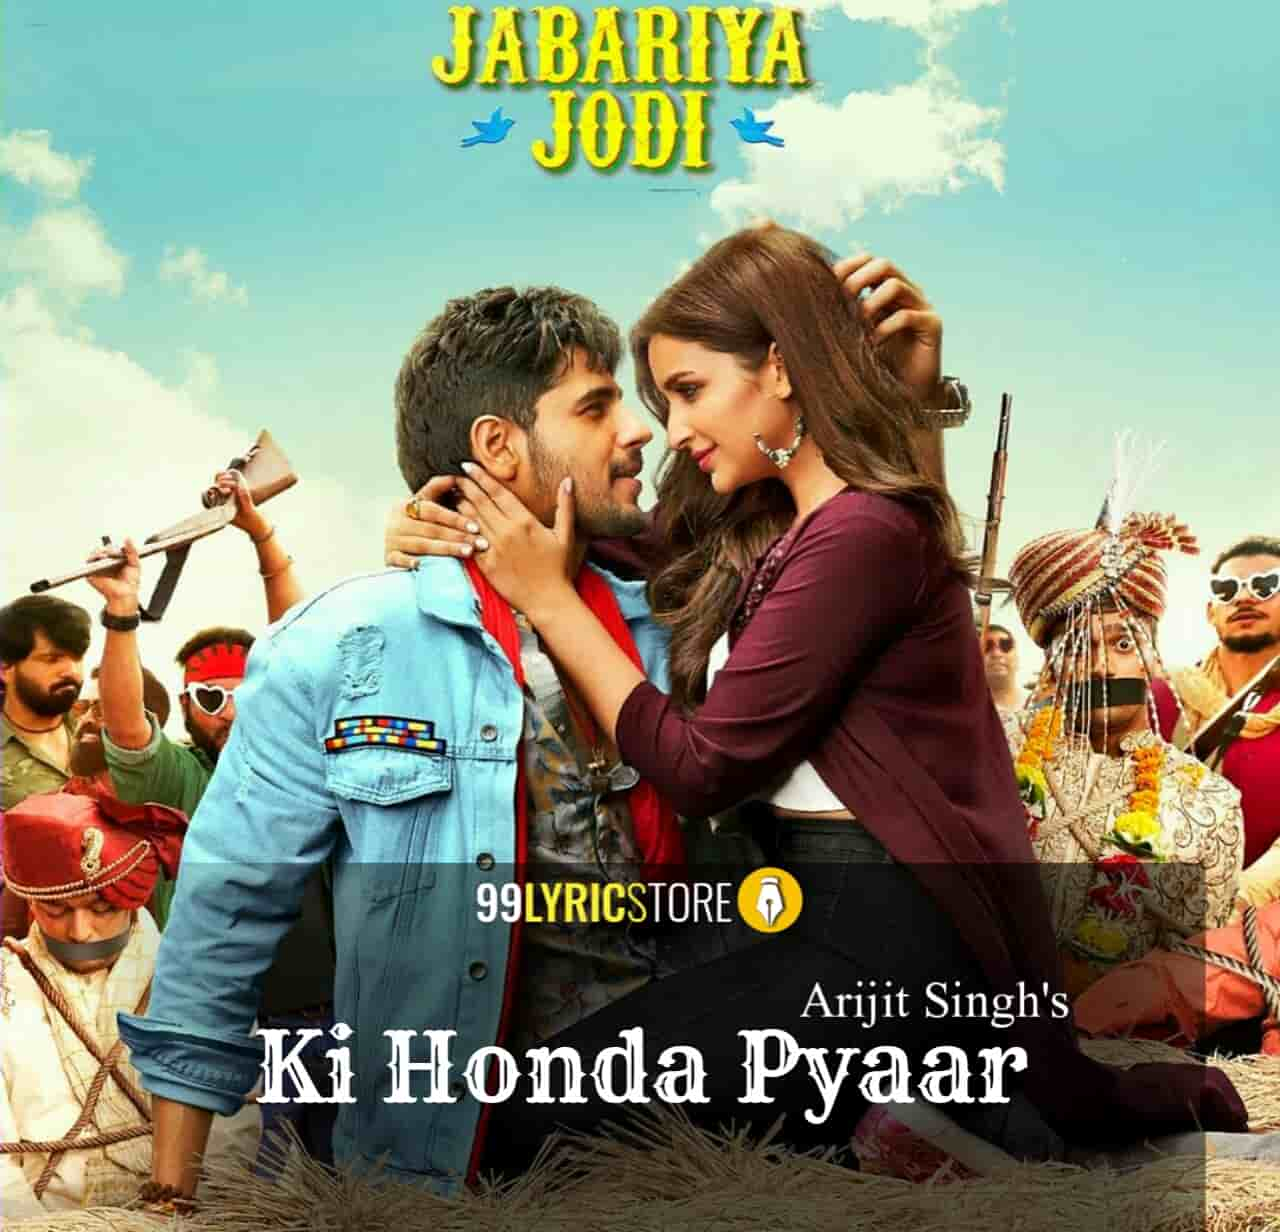 Ki Honda Pyaar from movie Jabariya Jodi sung by Arijit Singh